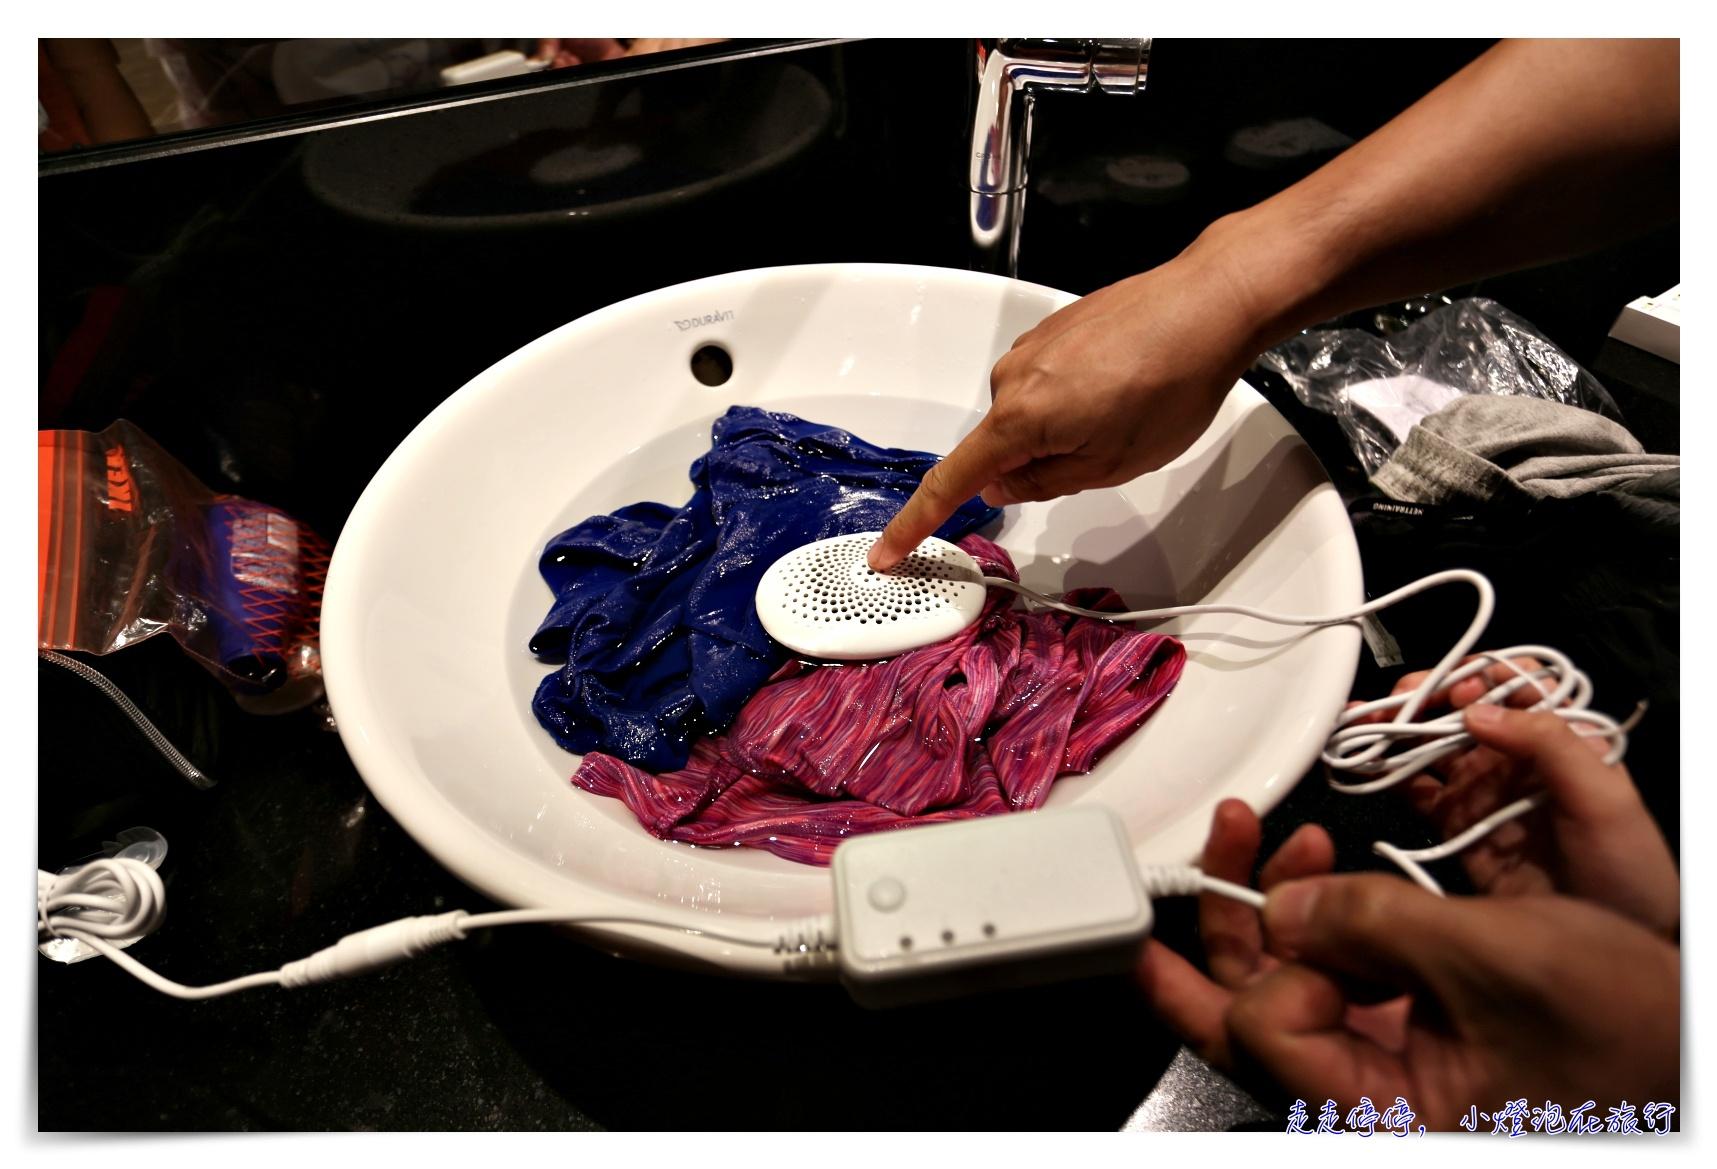 網站近期文章:Washwow|微型洗衣機+Dry Angel旅行烘乾機、旅行洗衣好幫手,不用洗衣粉、最新科技不用擔心洗不乾淨了~